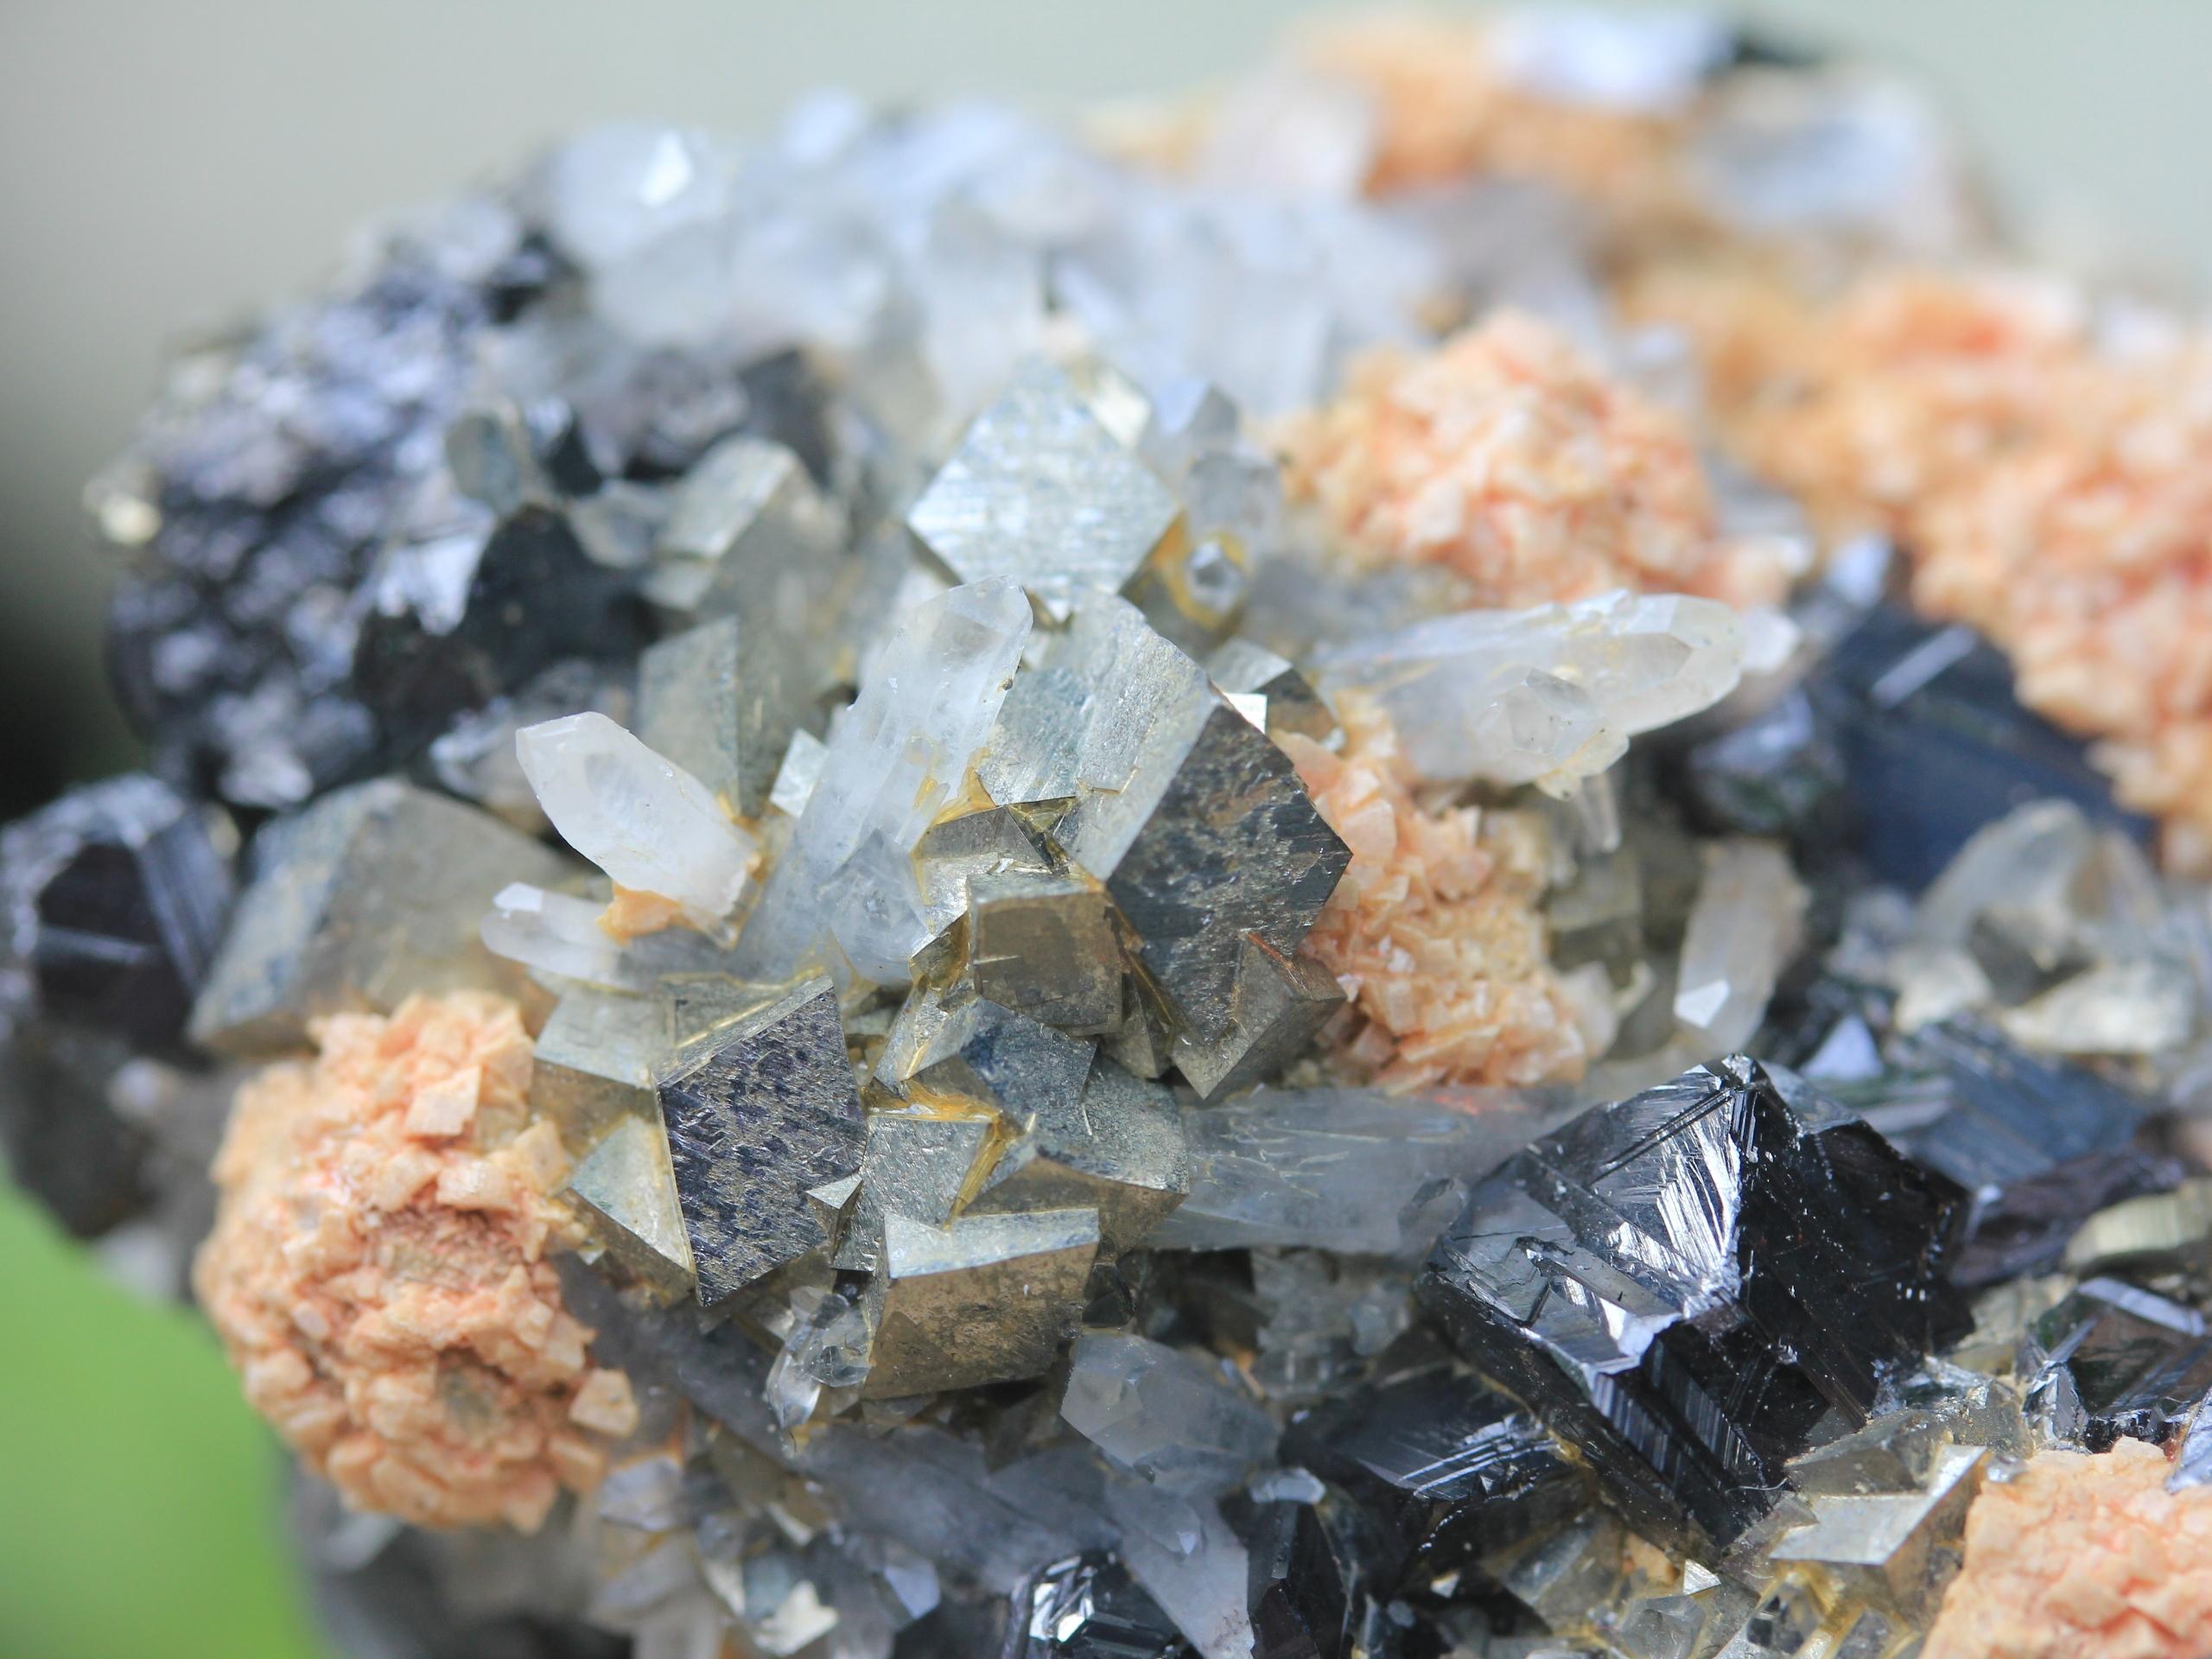 Arsenopyrite, sphalerite, rhodochrosite and quartz